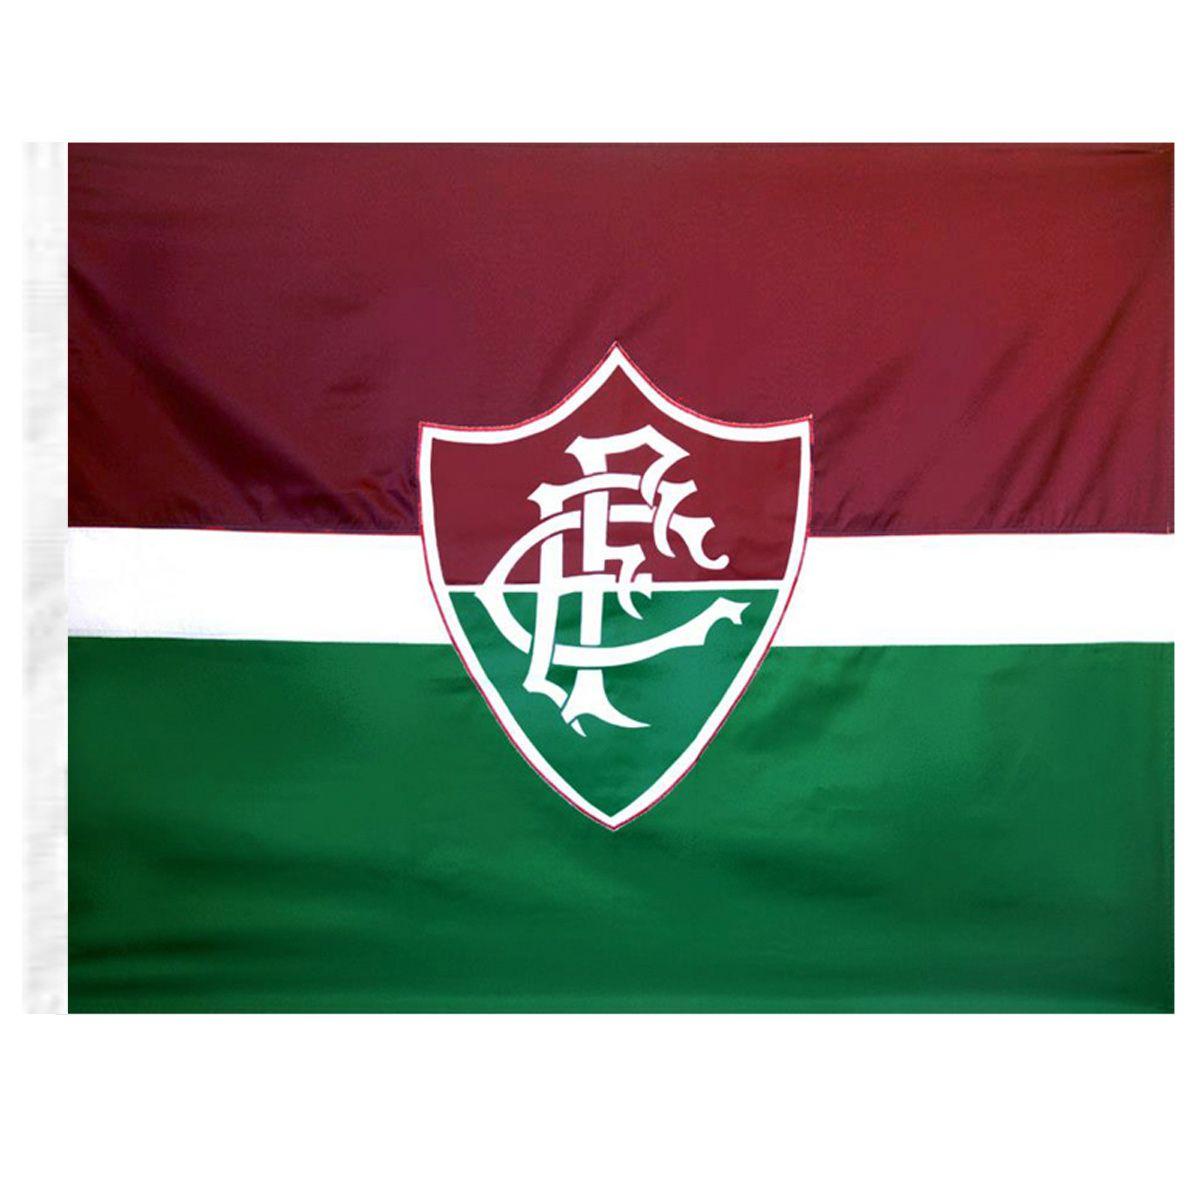 Bandeira Torcedor do Fluminense 96 x 68 cm - 1 1/2 Pano